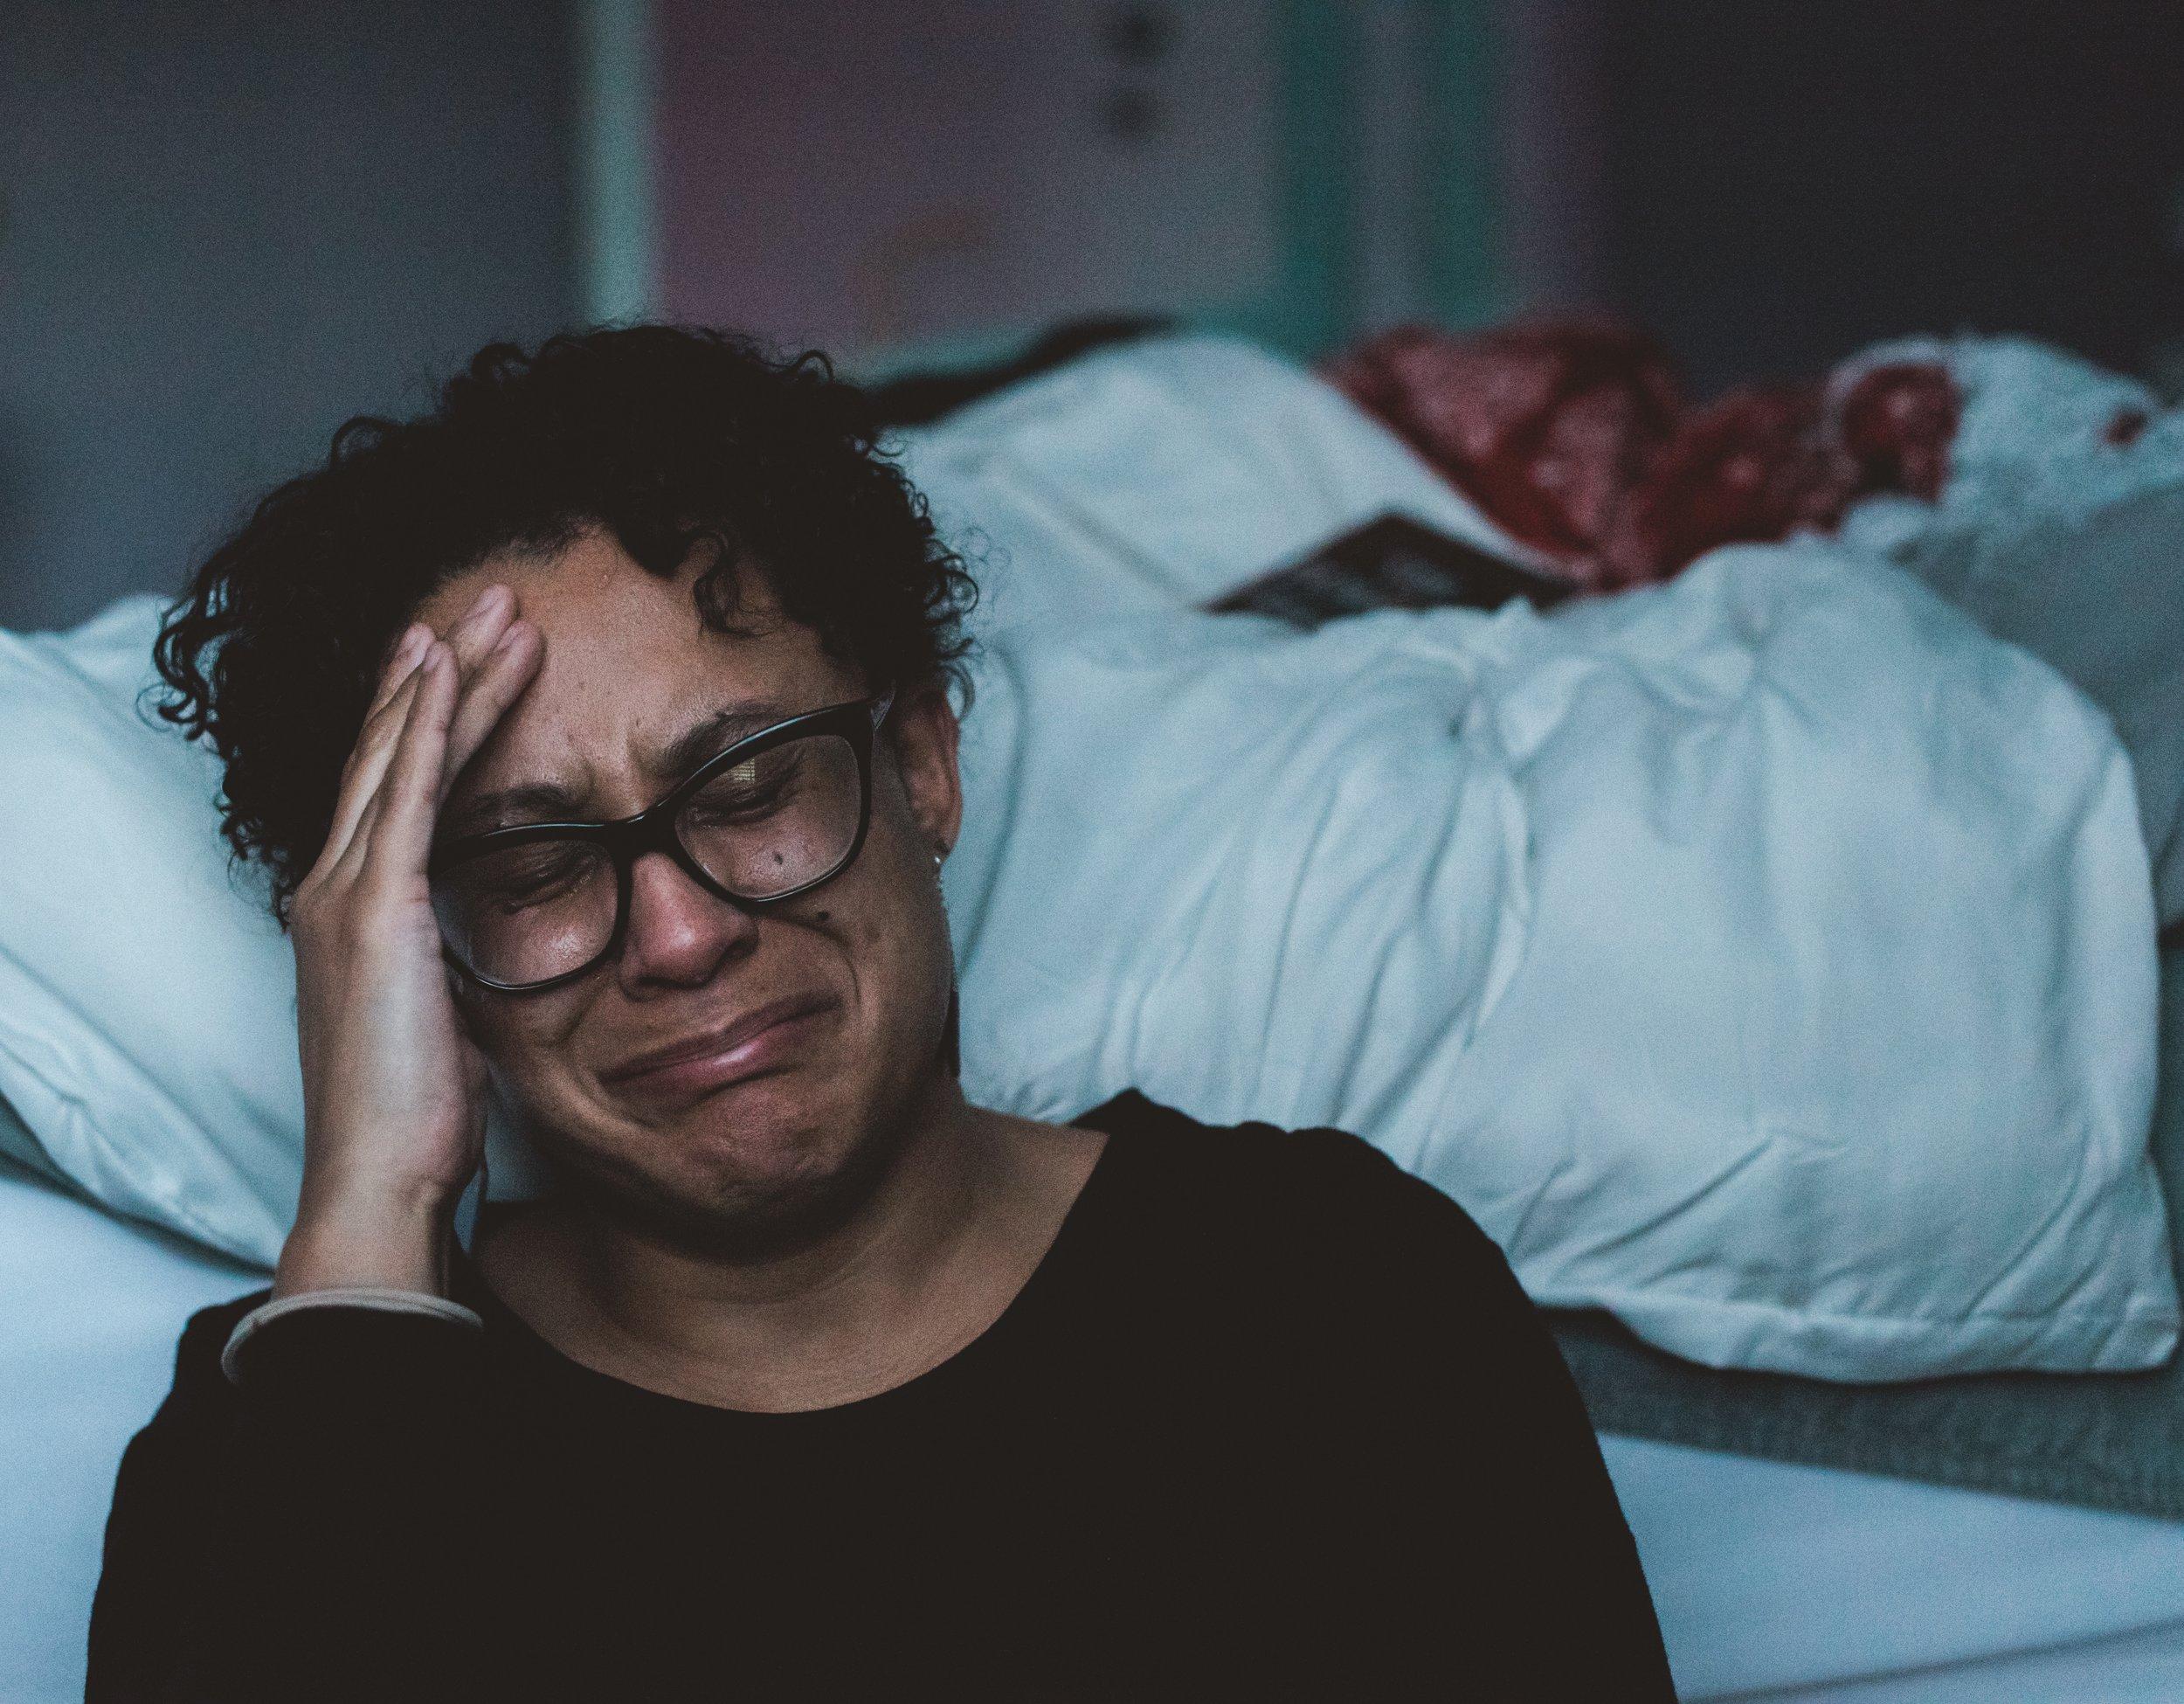 despair and acupuncture